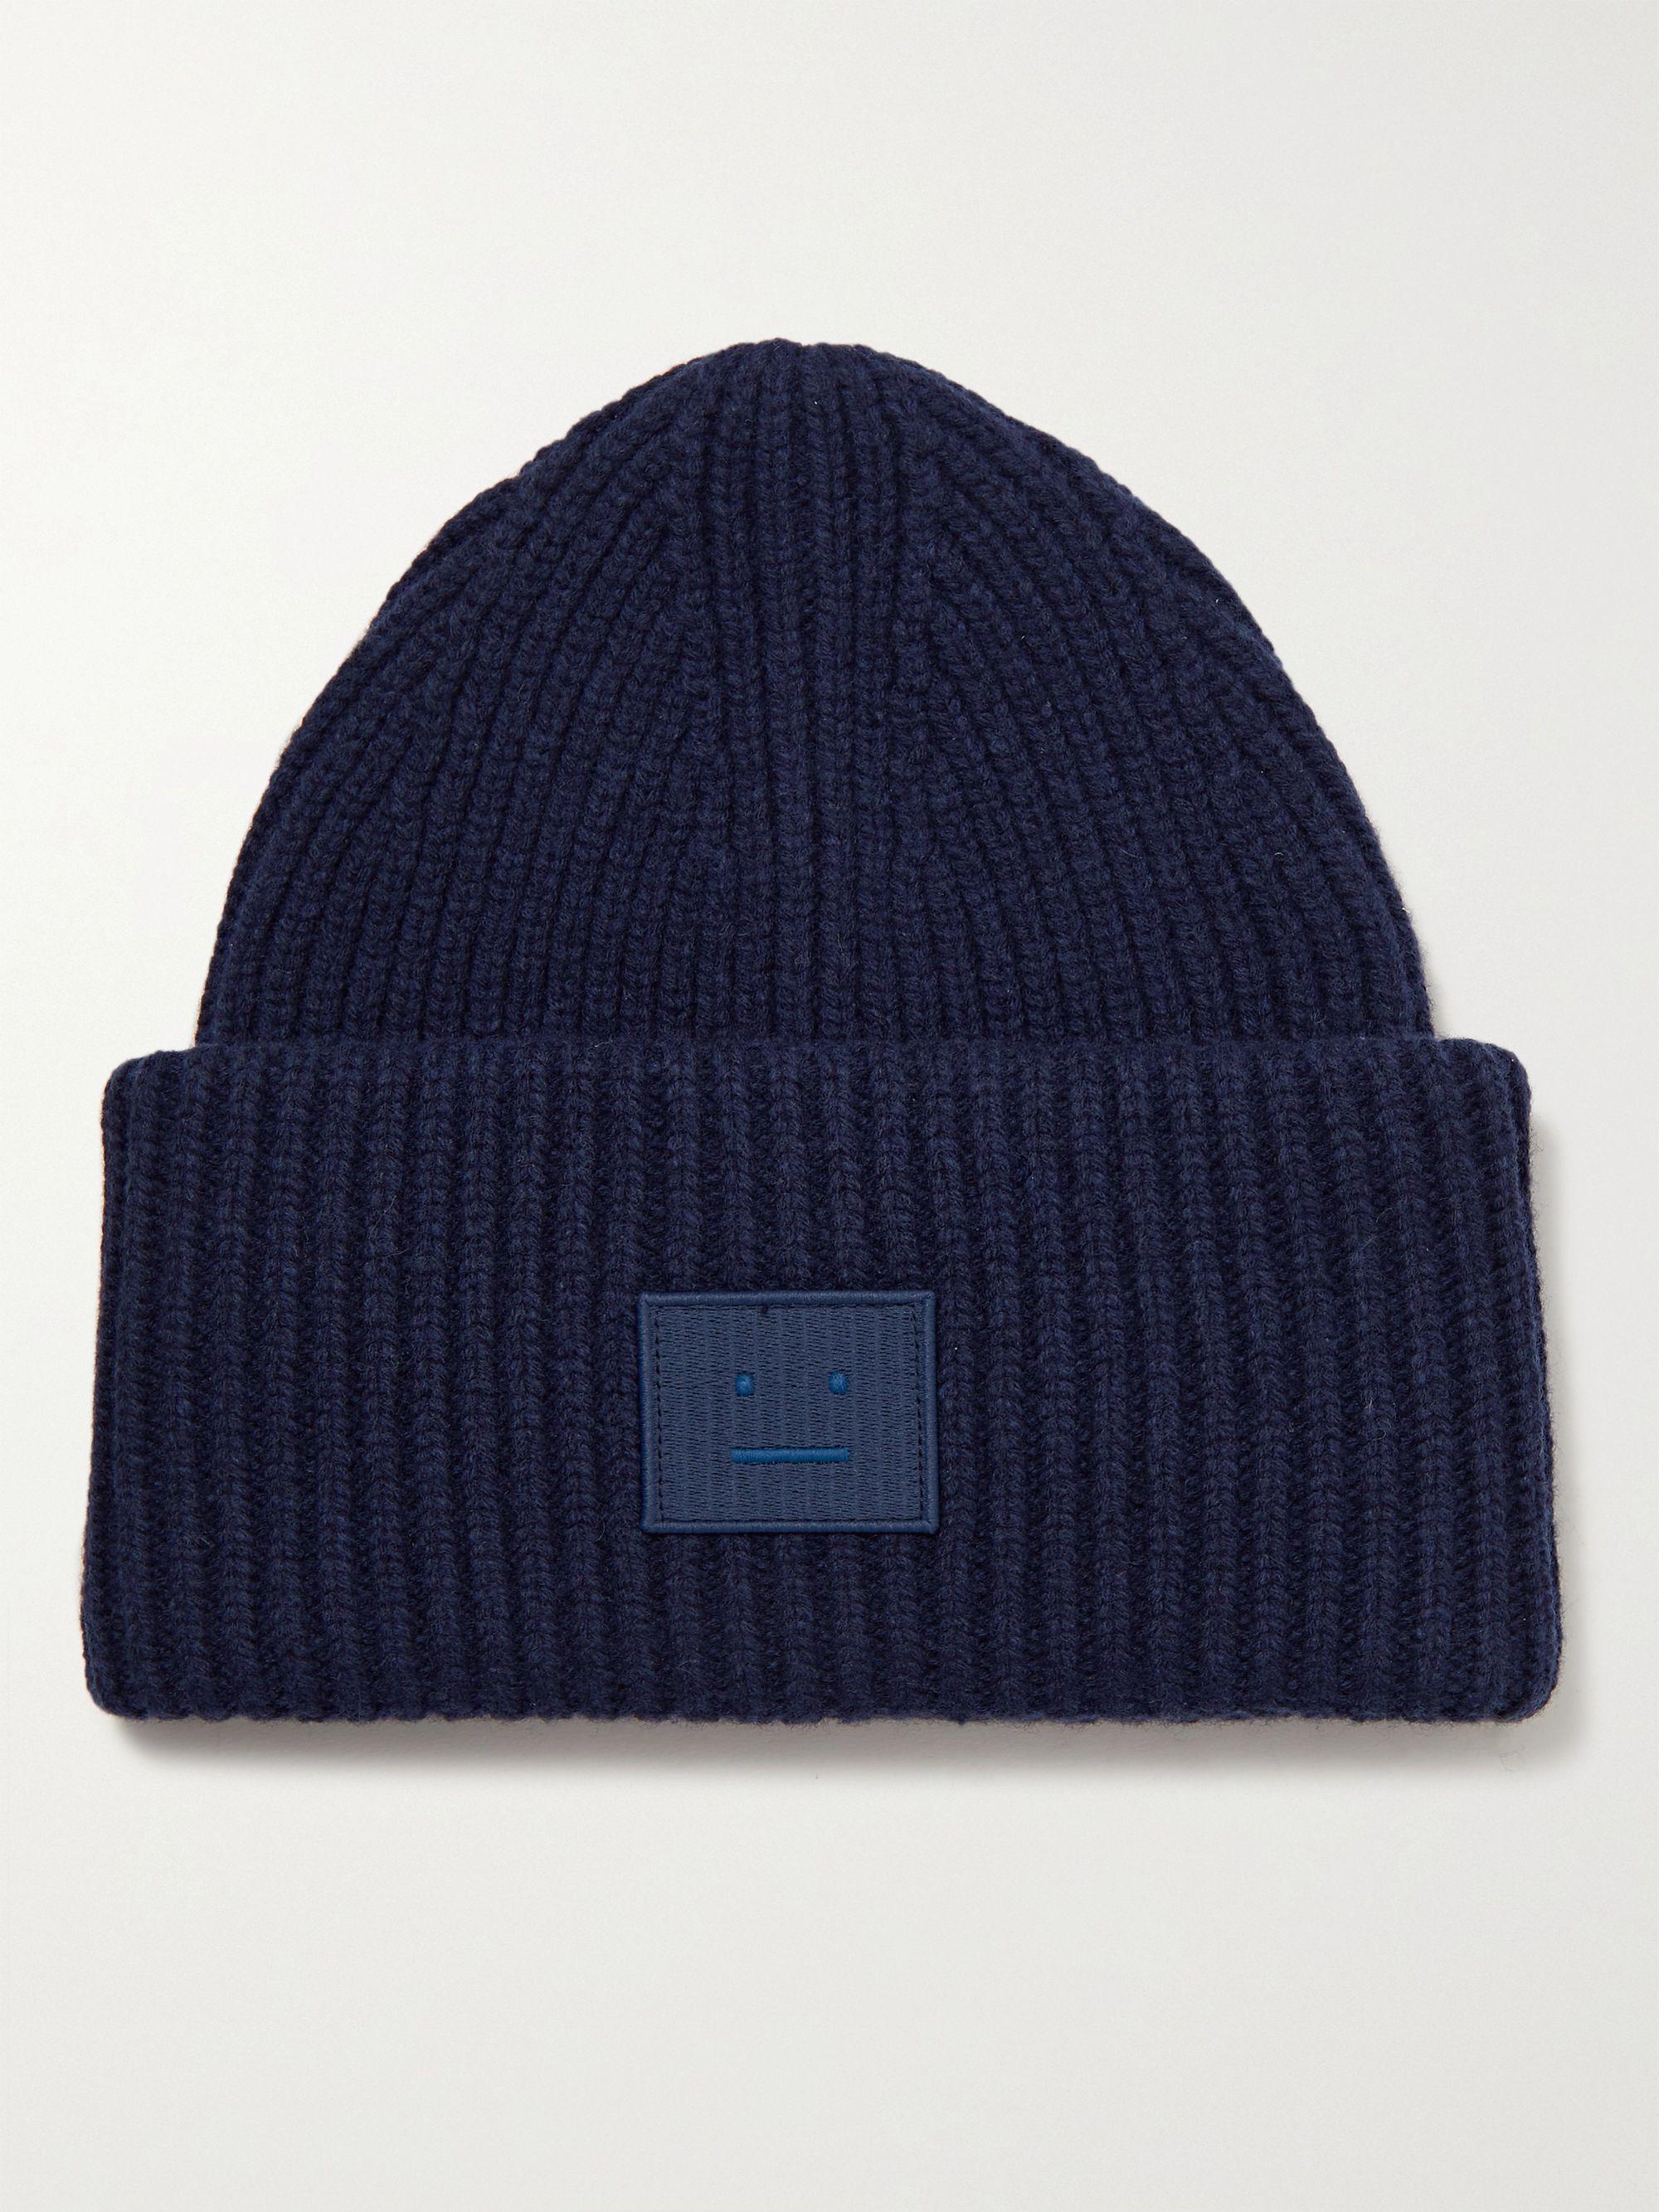 아크네 스튜디오 로고 울 비니 Acne Studios Logo-Appliqued Ribbed Wool Beanie,Navy